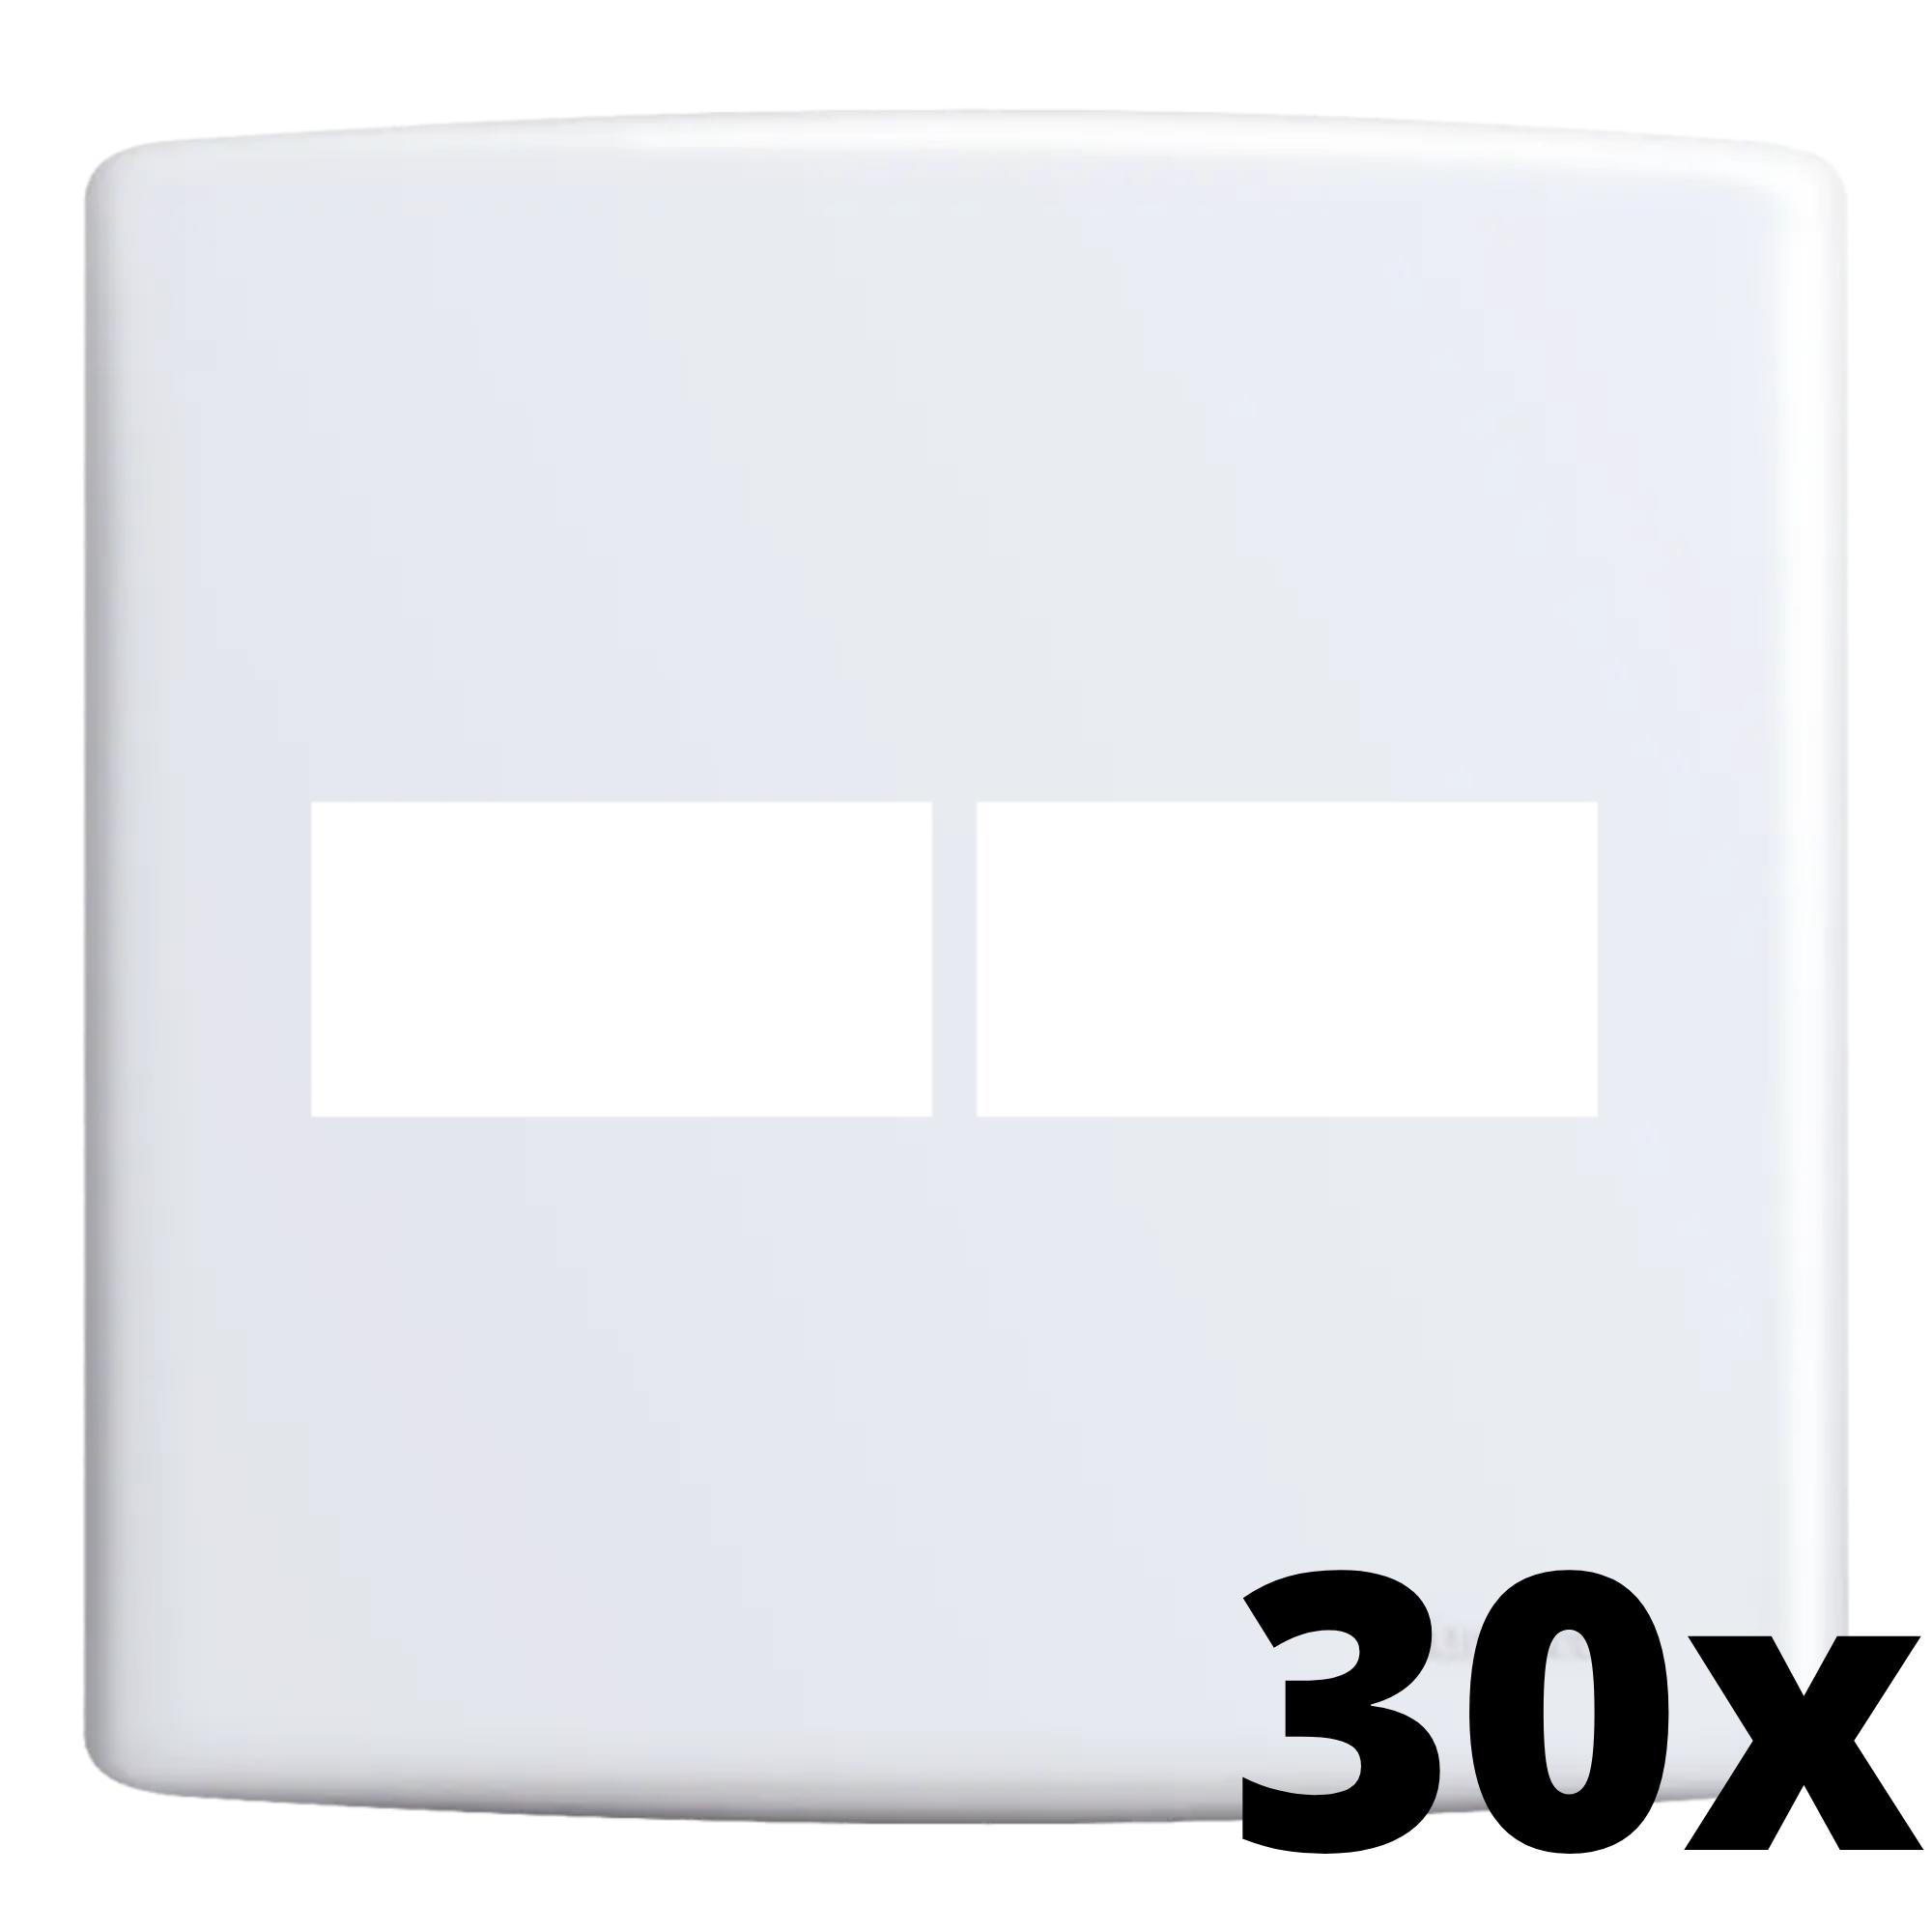 Kit 30 und Siena Placa 4x4 1 Seção + 1 Seção